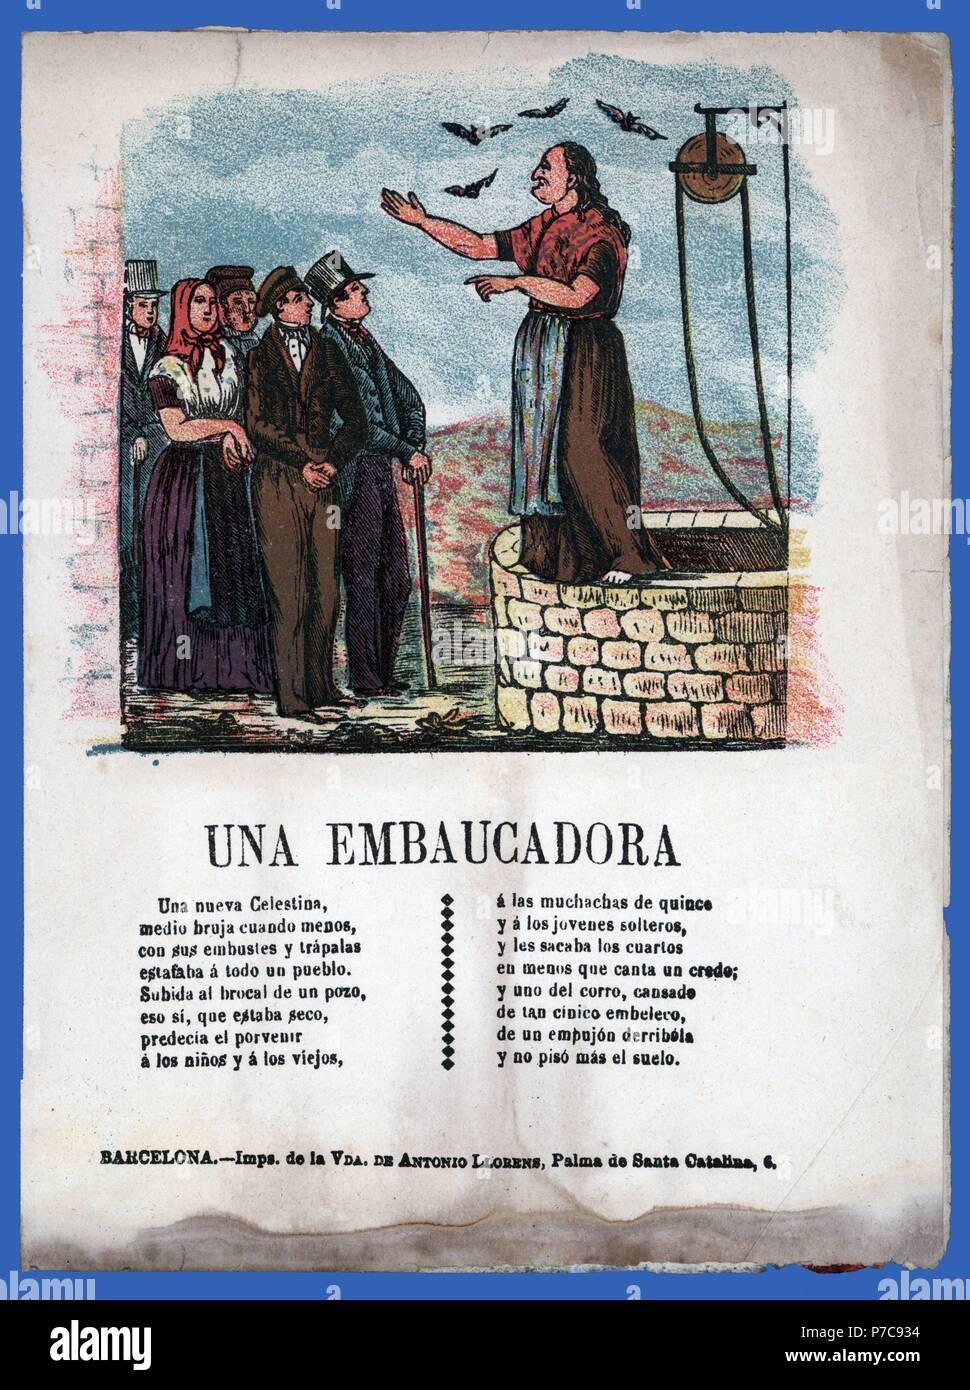 Literatura popular. Historia de una embaucadora. Barcelona, año 1870. - Stock Image